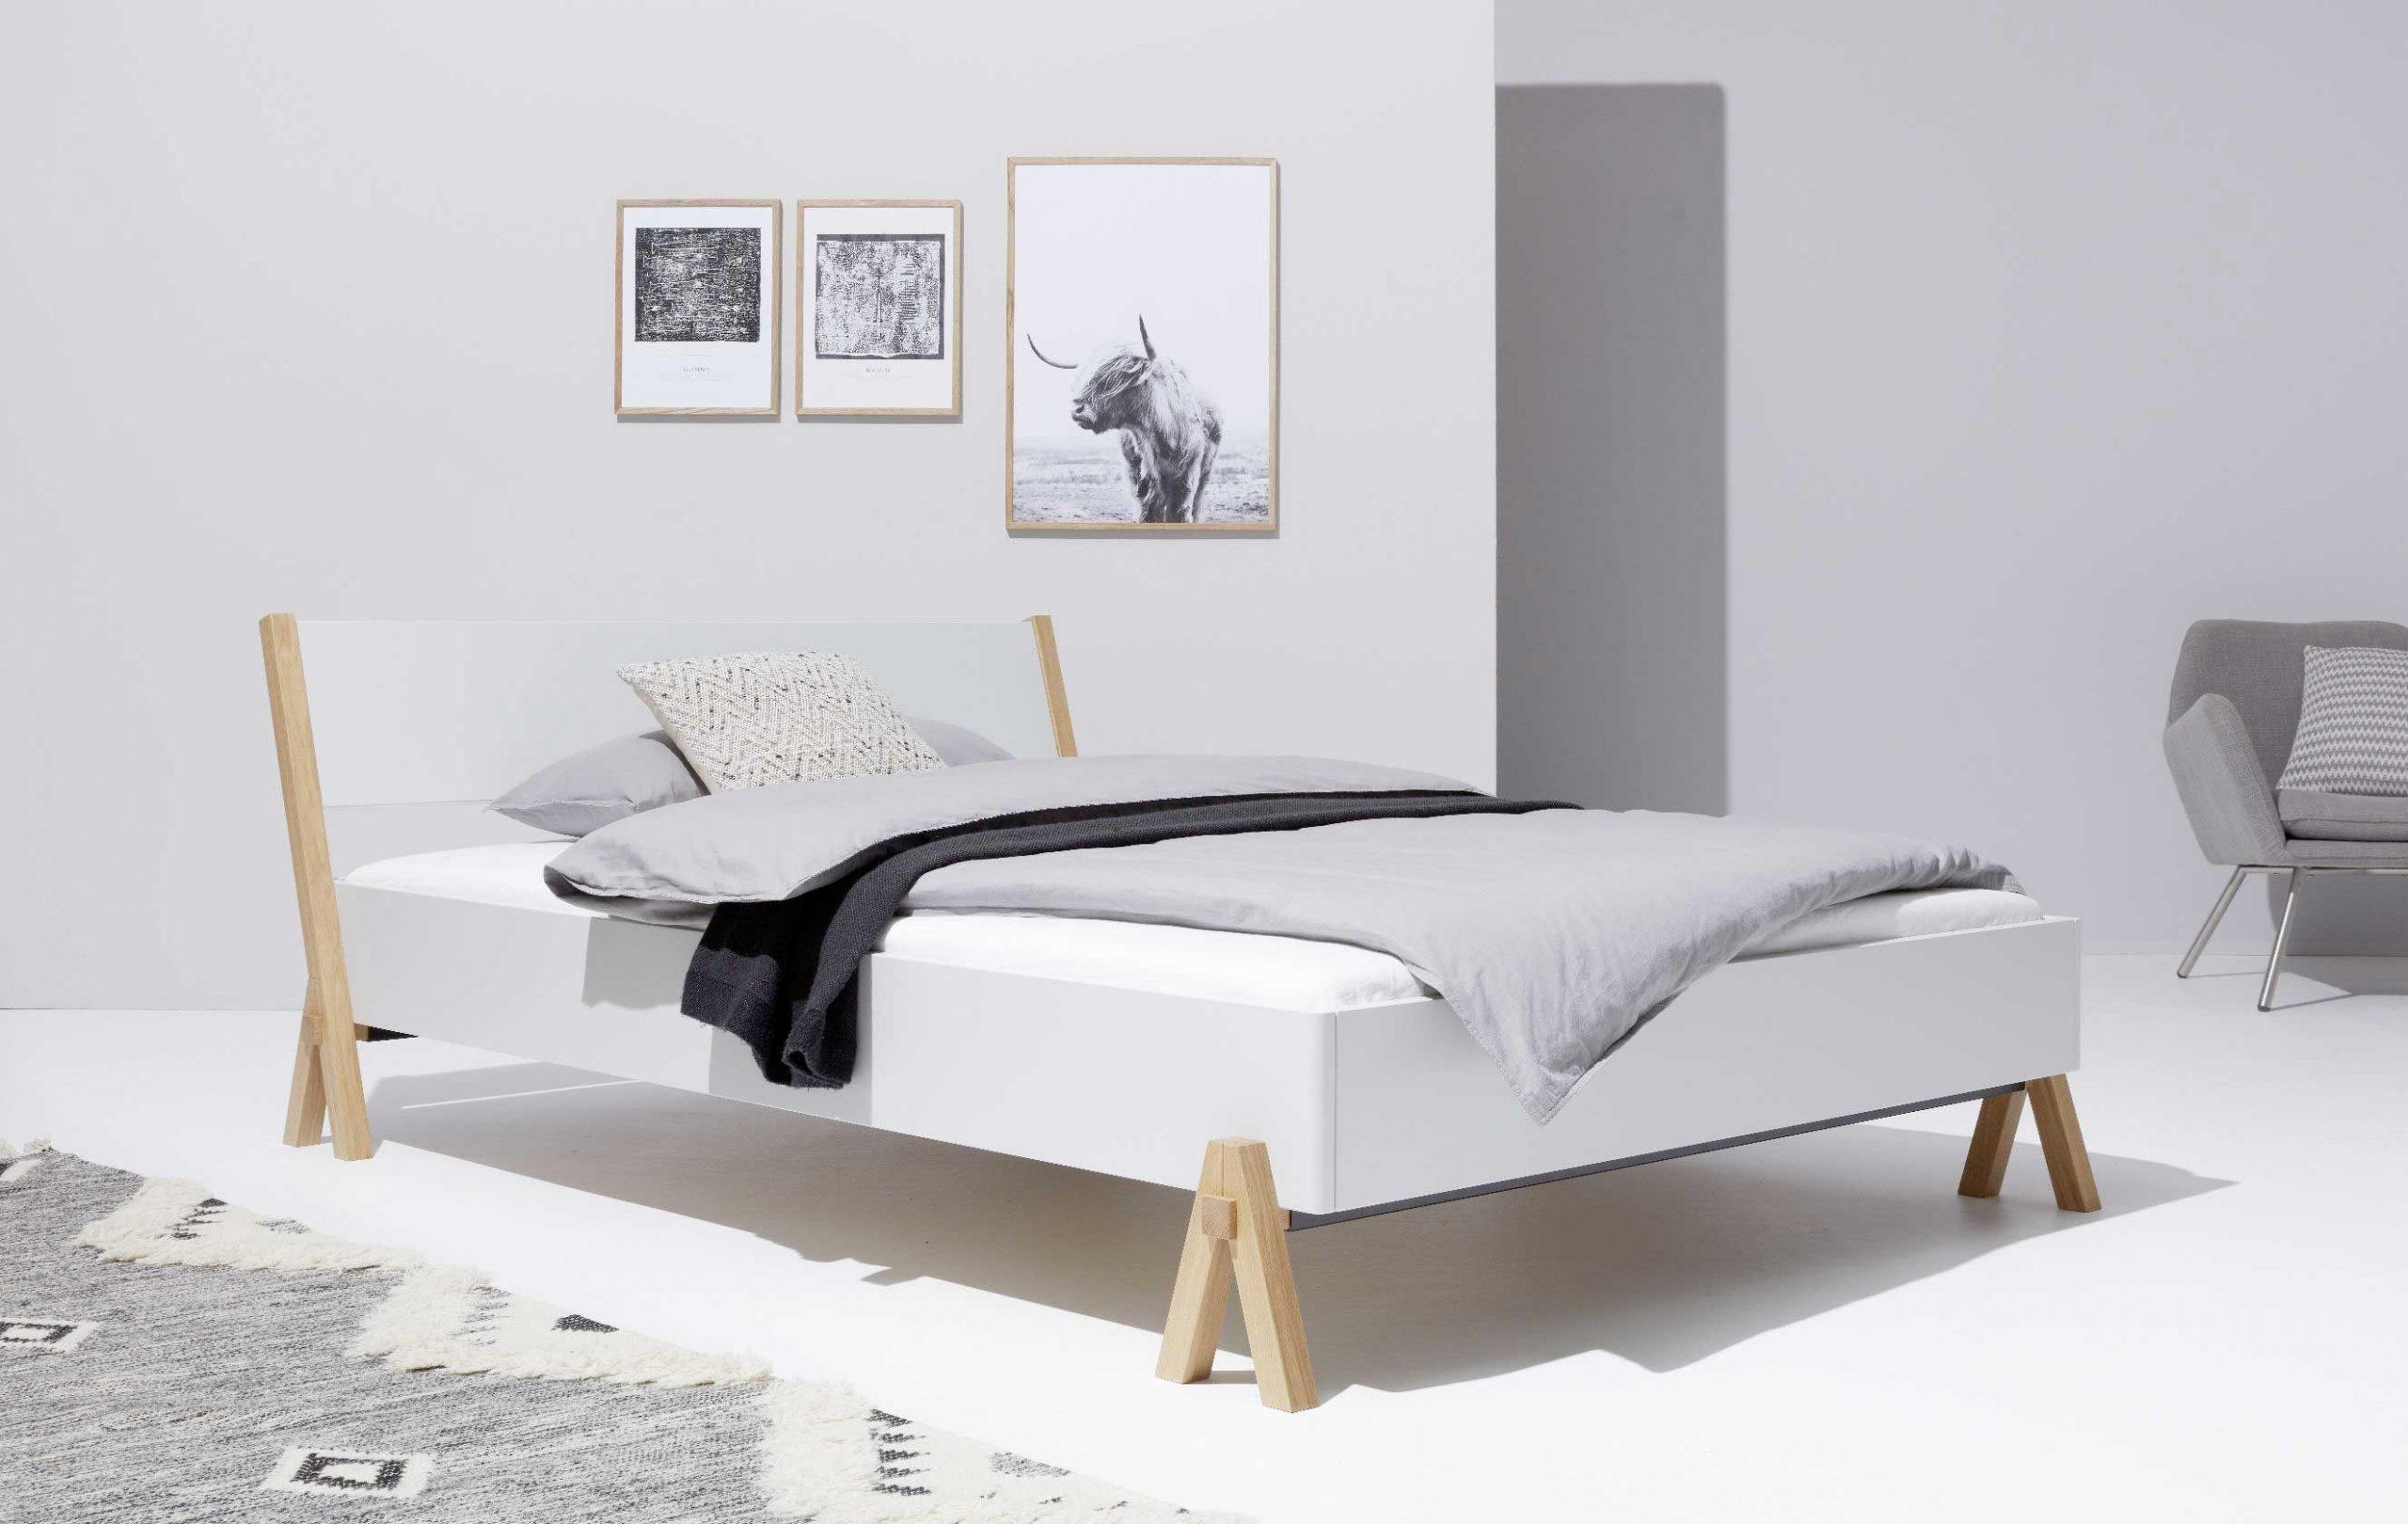 Full Size of Bett Mit Matratze Designwebstore Boq Weiss 140 200 Cm Ohne Lattenrost Betten 180x200 Weiß Und Beleuchtung Sofa Verstellbarer Sitztiefe Schubladen Rauch 2 Bett Bett Mit Matratze